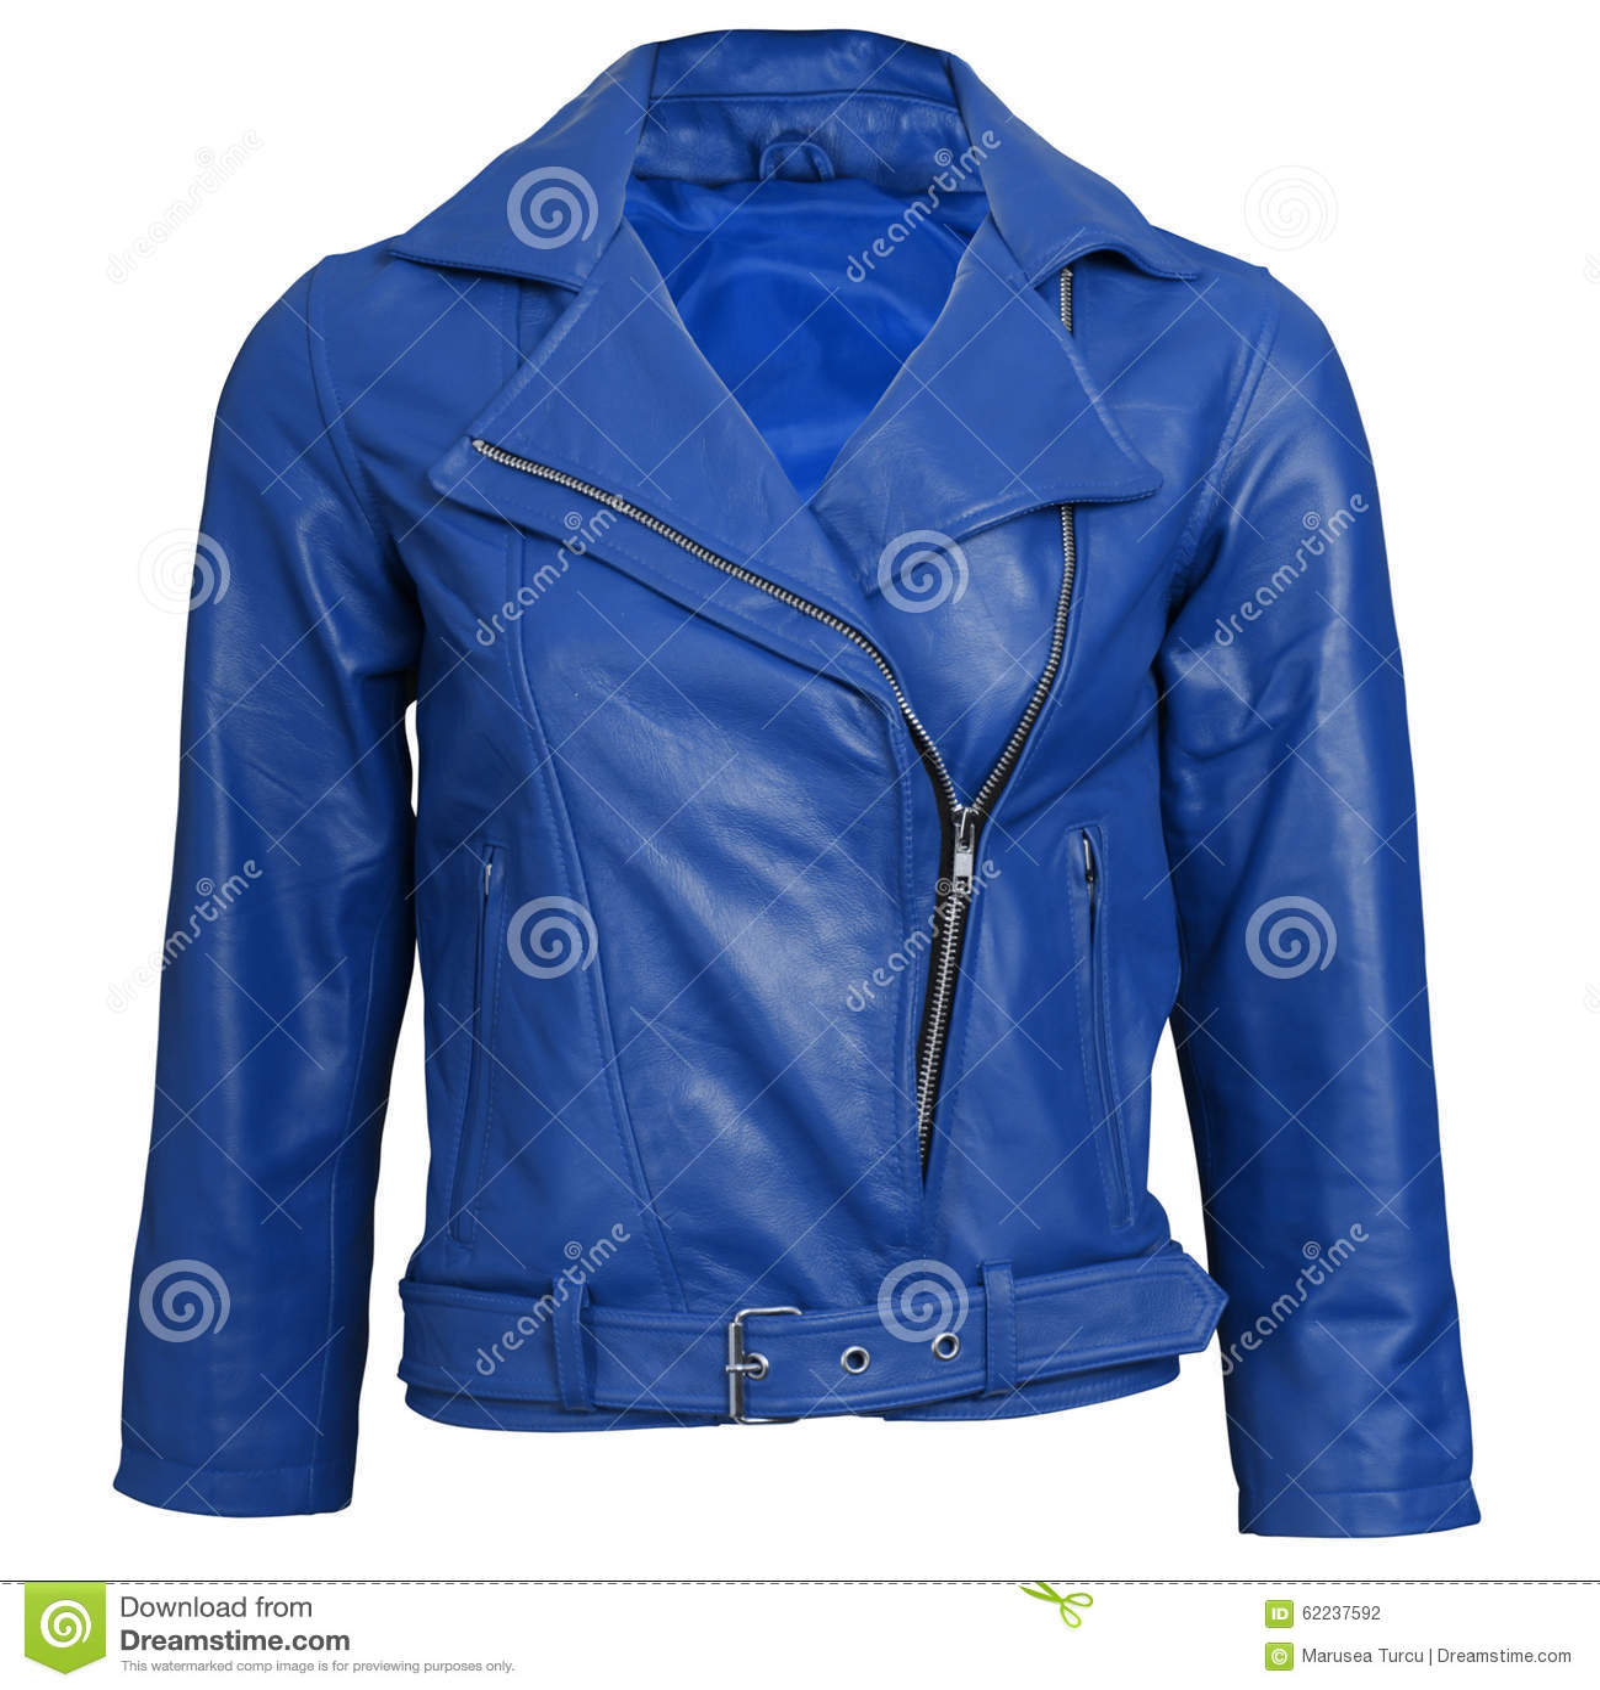 b4a240a1653fb Chaqueta de cuero azul foto de archivo. Imagen de otoño - 62237592